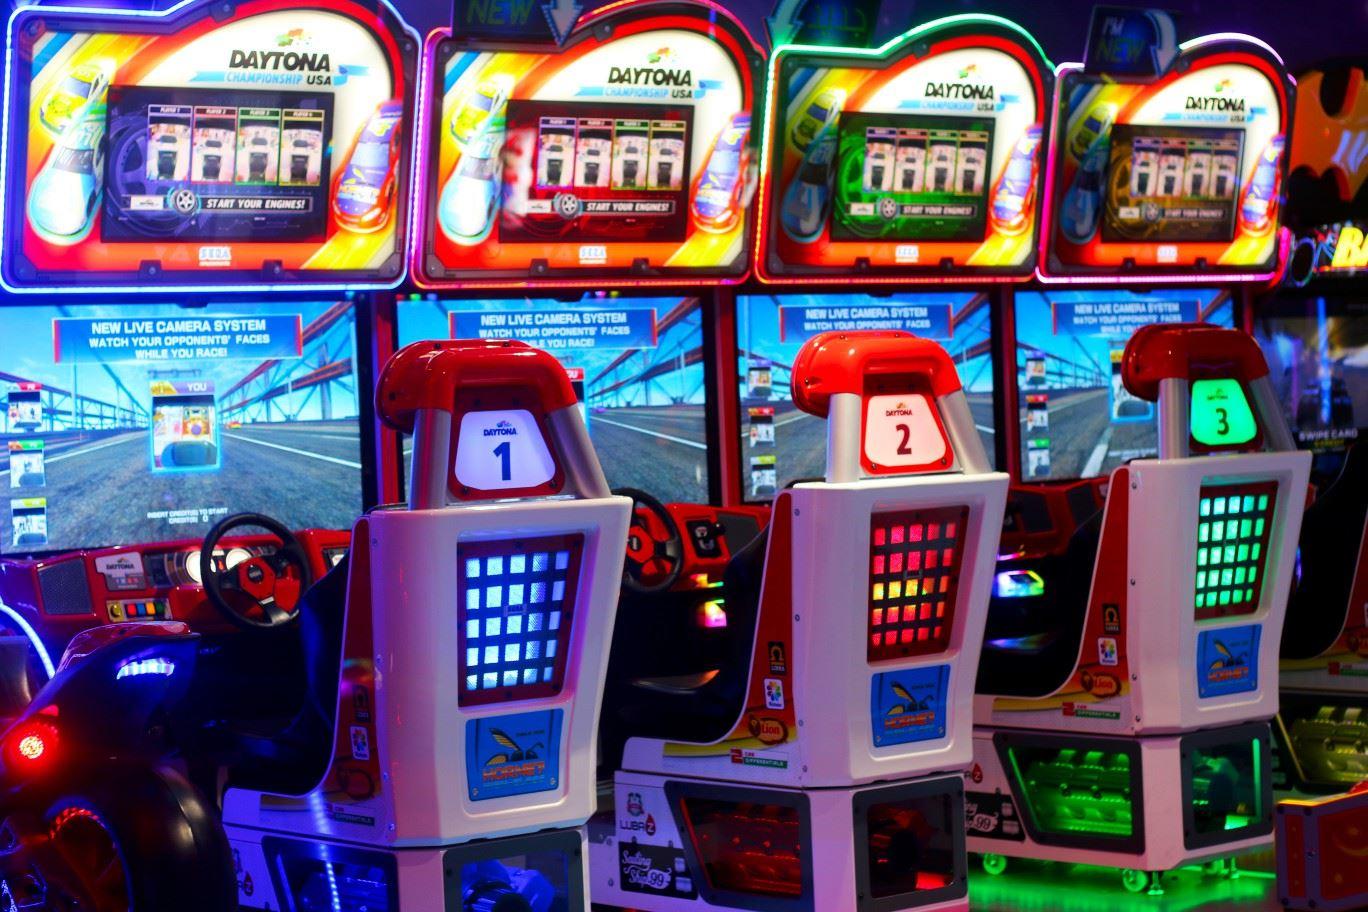 Daytona USA game at Magic Planet City Centre Mirdif North